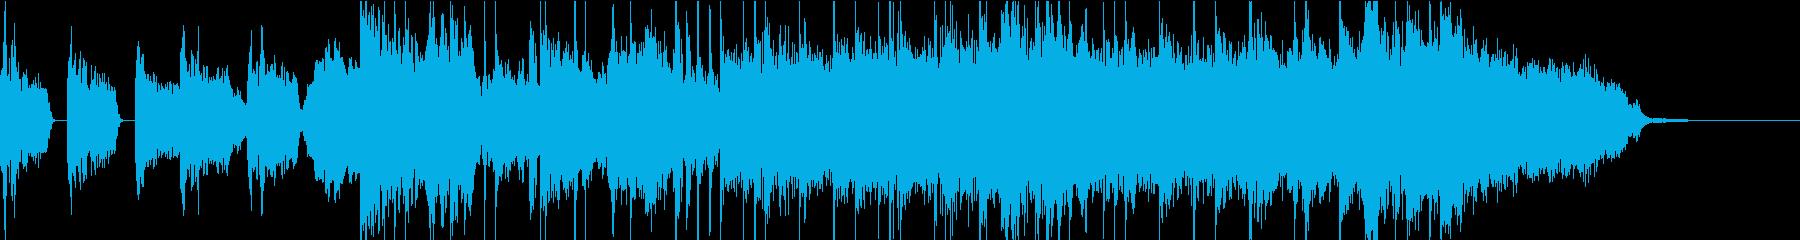 ROCKなオープニングタイトル!!の再生済みの波形